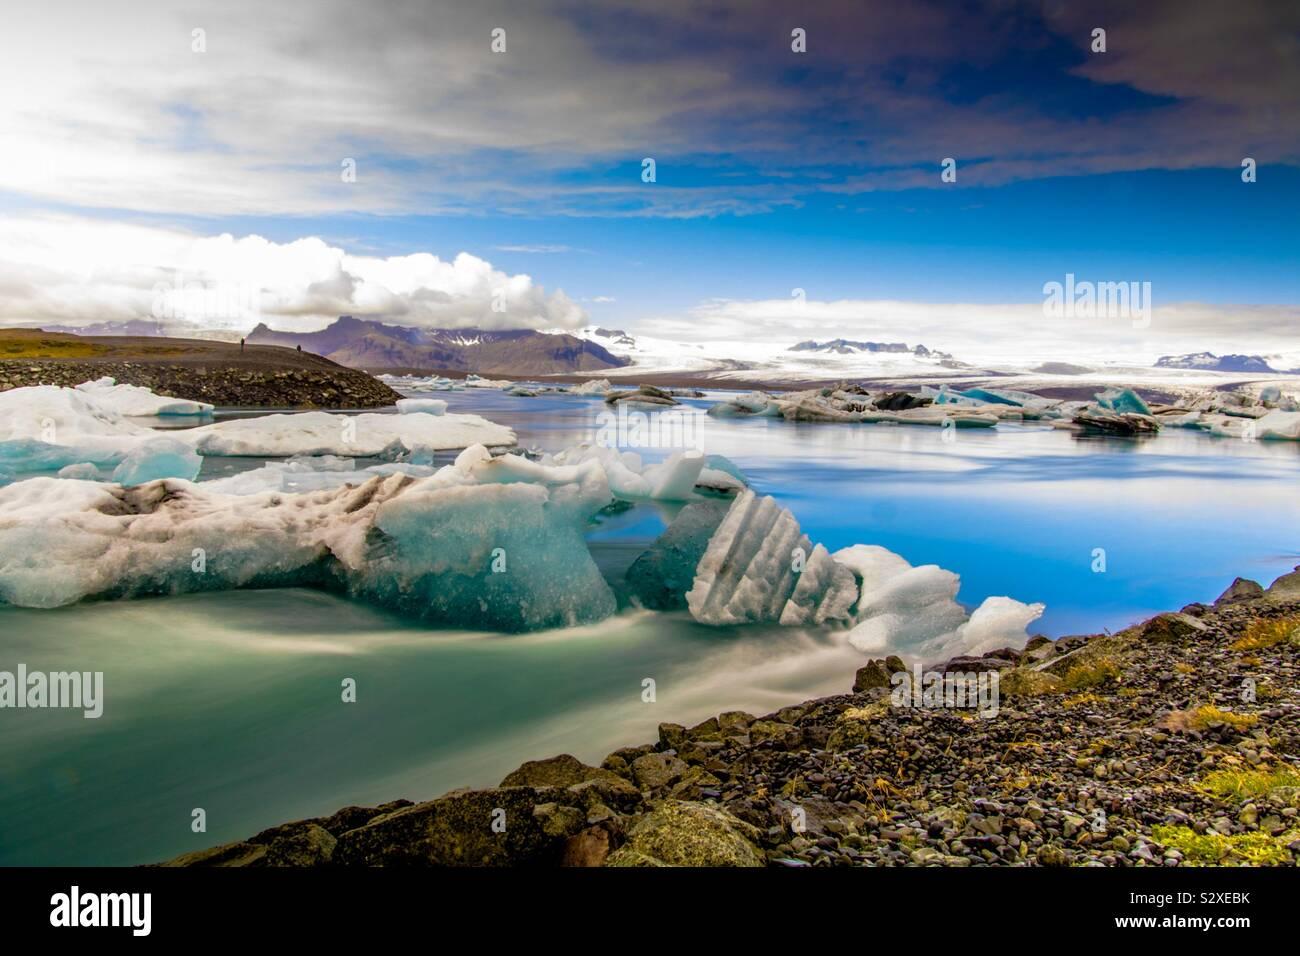 Lange Belichtung einer Lagune in Island mit schwimmenden Eisschollen Stockfoto